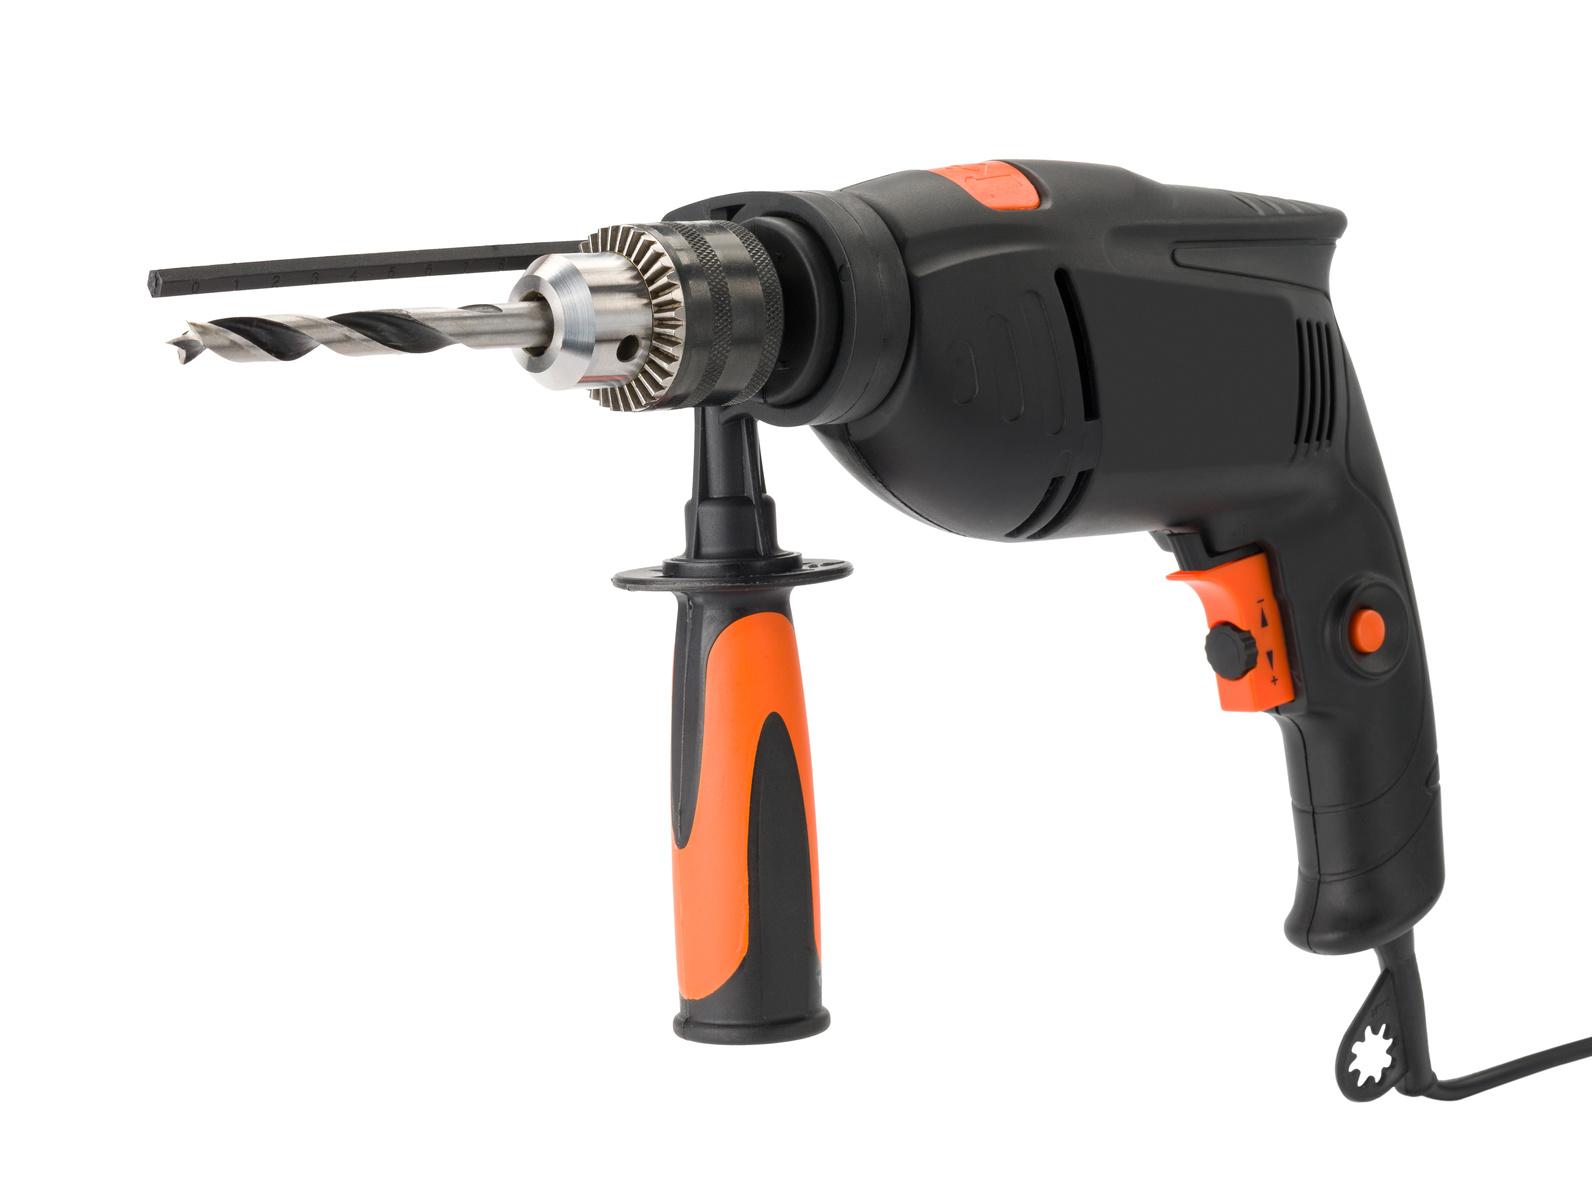 Turbo Schlagbohrmaschine oder Bohrhammer? | Bohrhammertests WE59